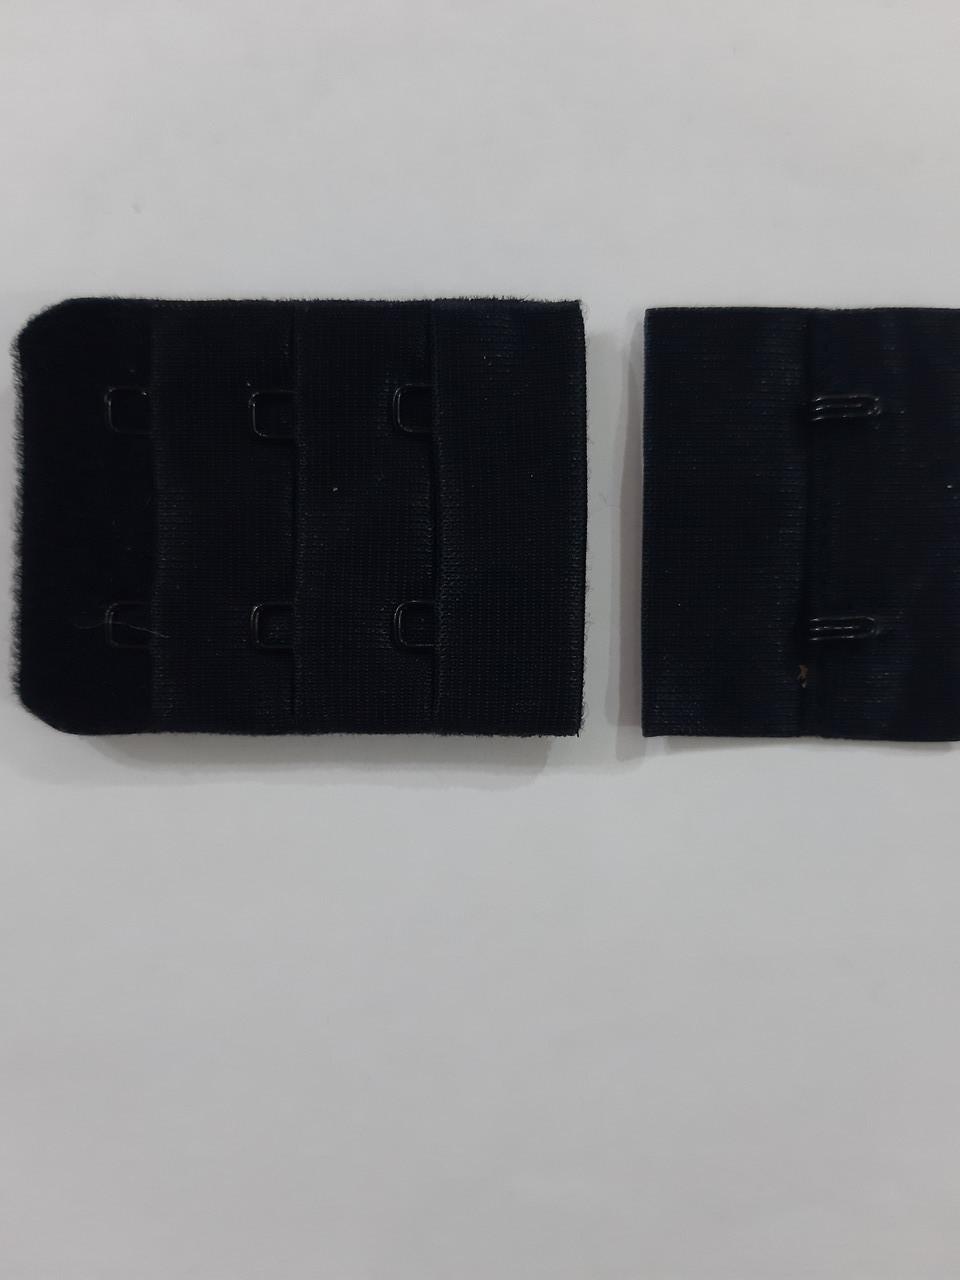 Застежка для бюстгальтера на 2 крючка 3 ряда петель 38мм цв черный